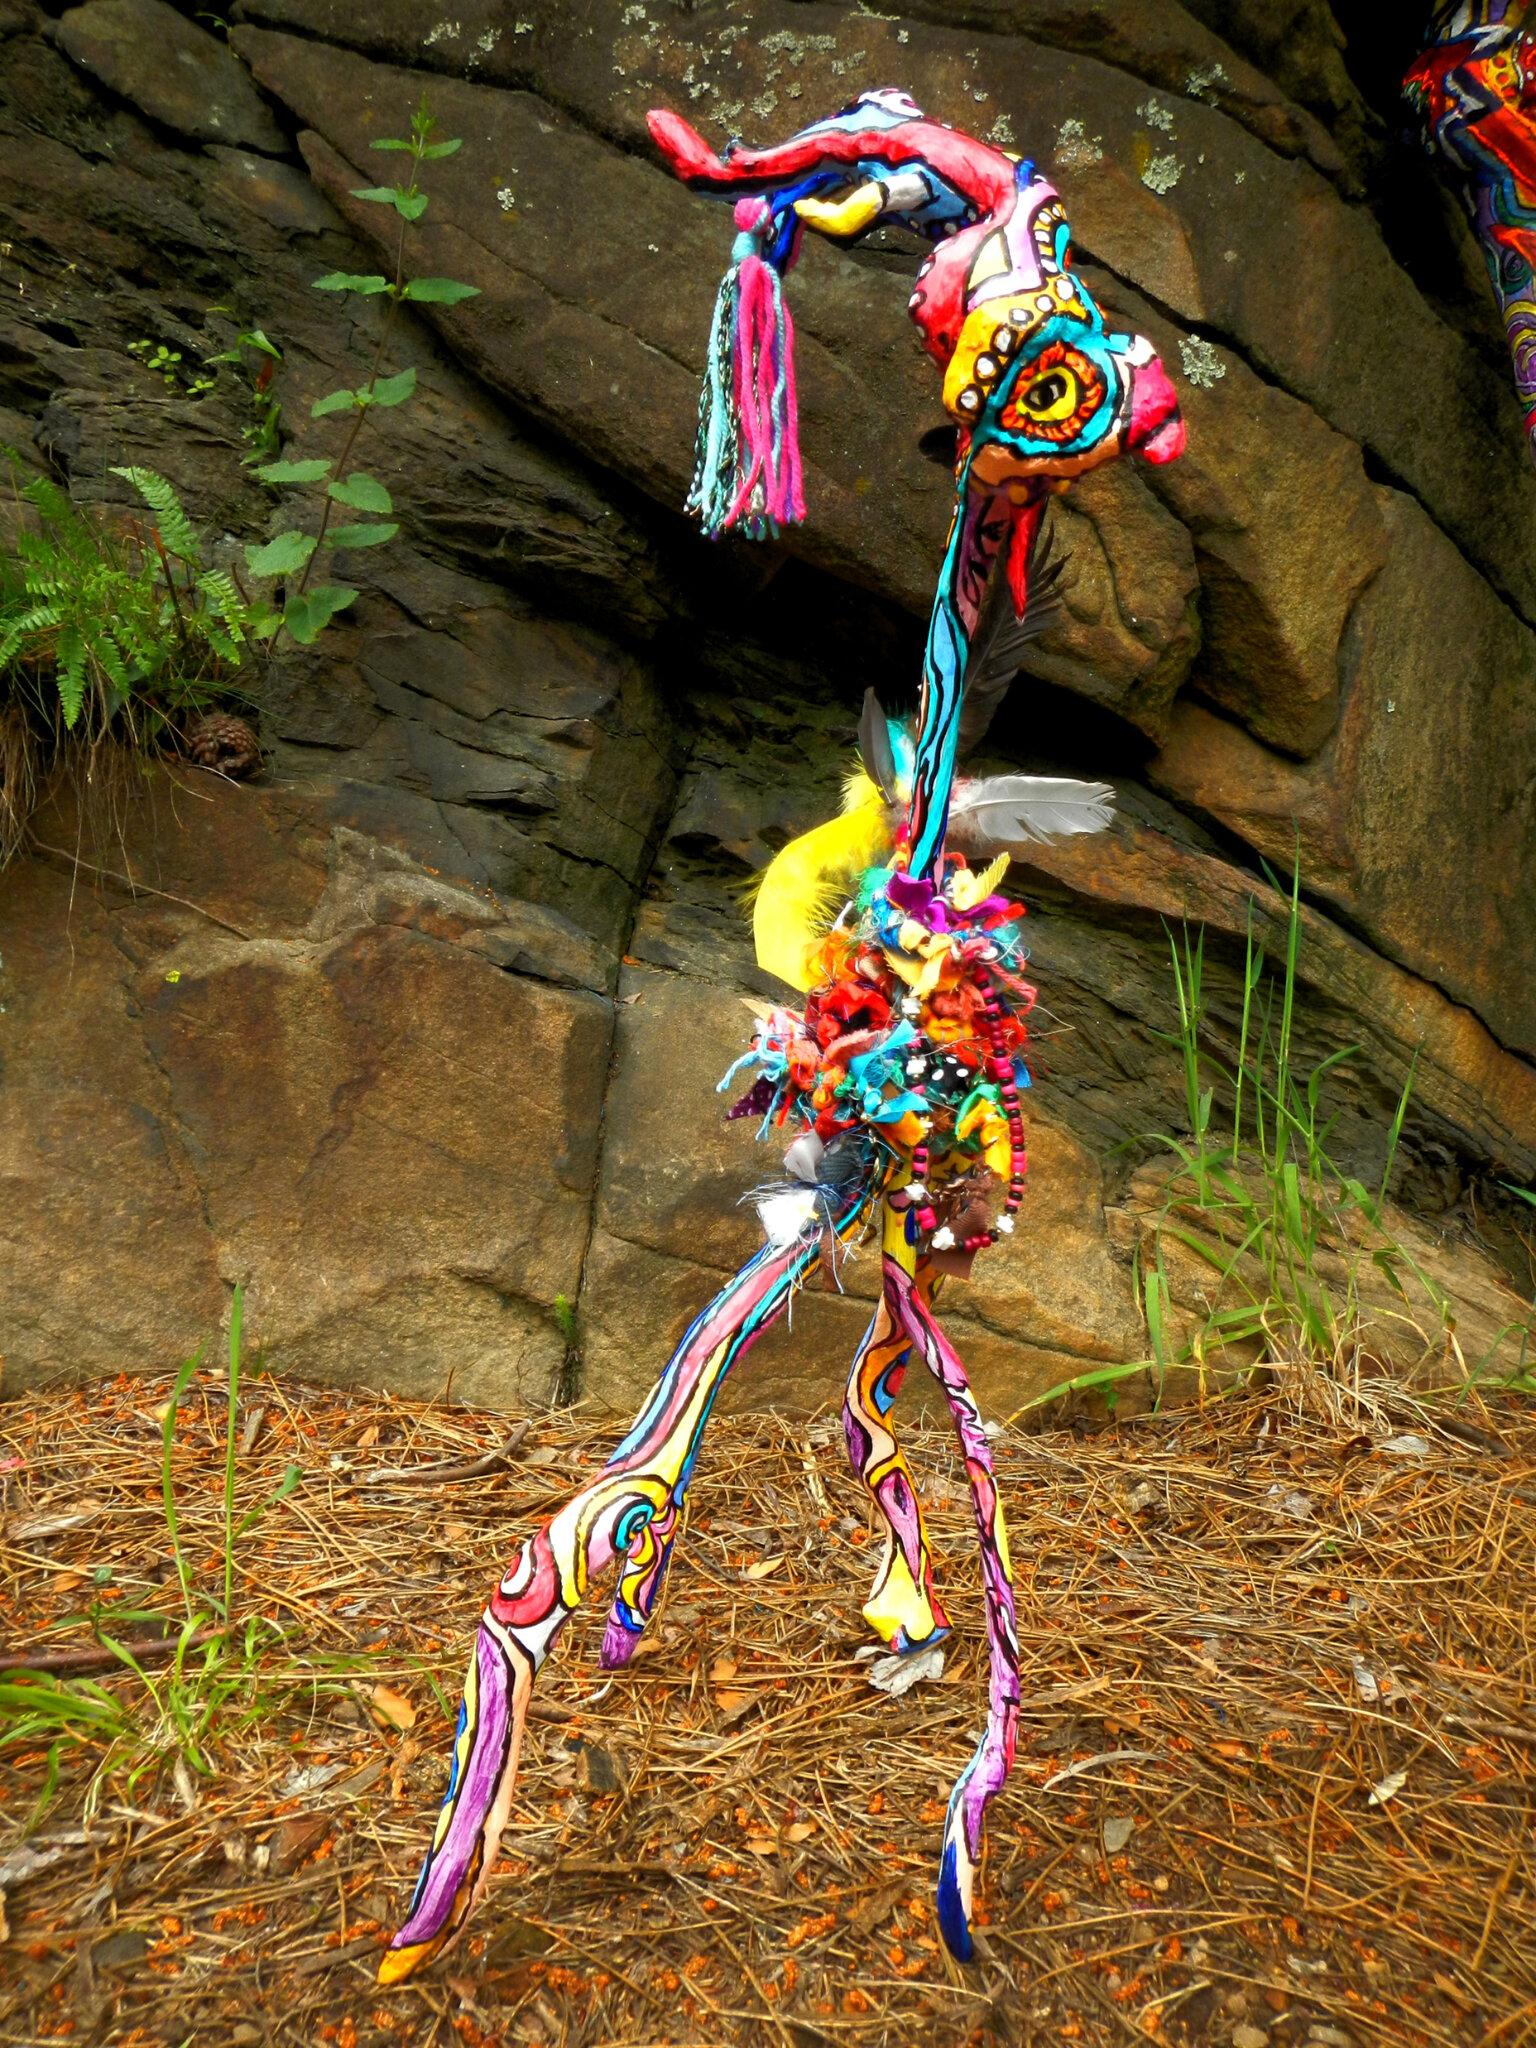 créature sculptée dans bruyère arborescente yurtao